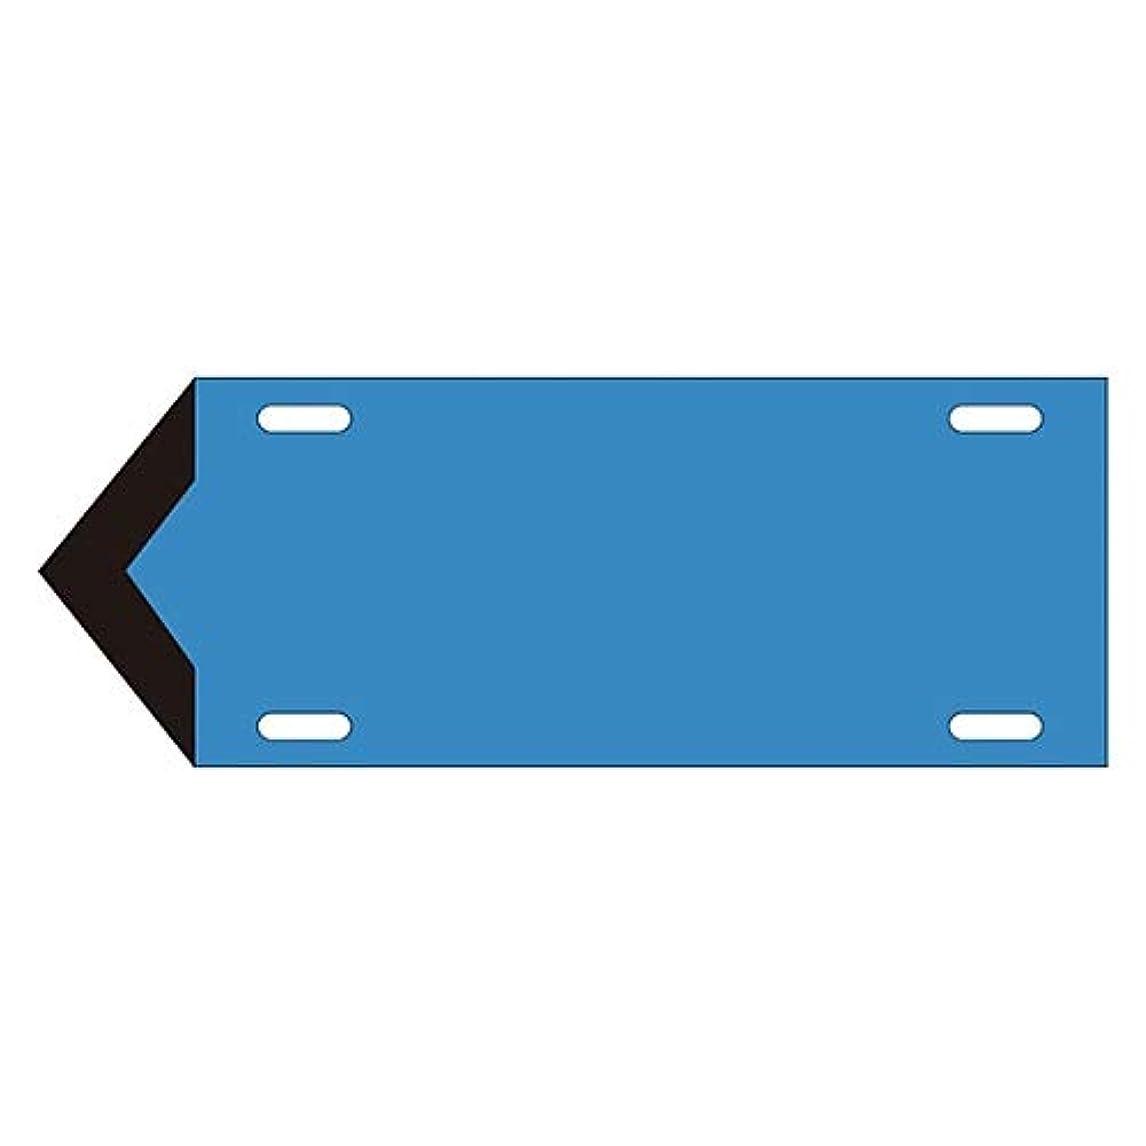 クラッチ実行するエスカレーター流体方向標示板 矢009(小)/61-3408-35